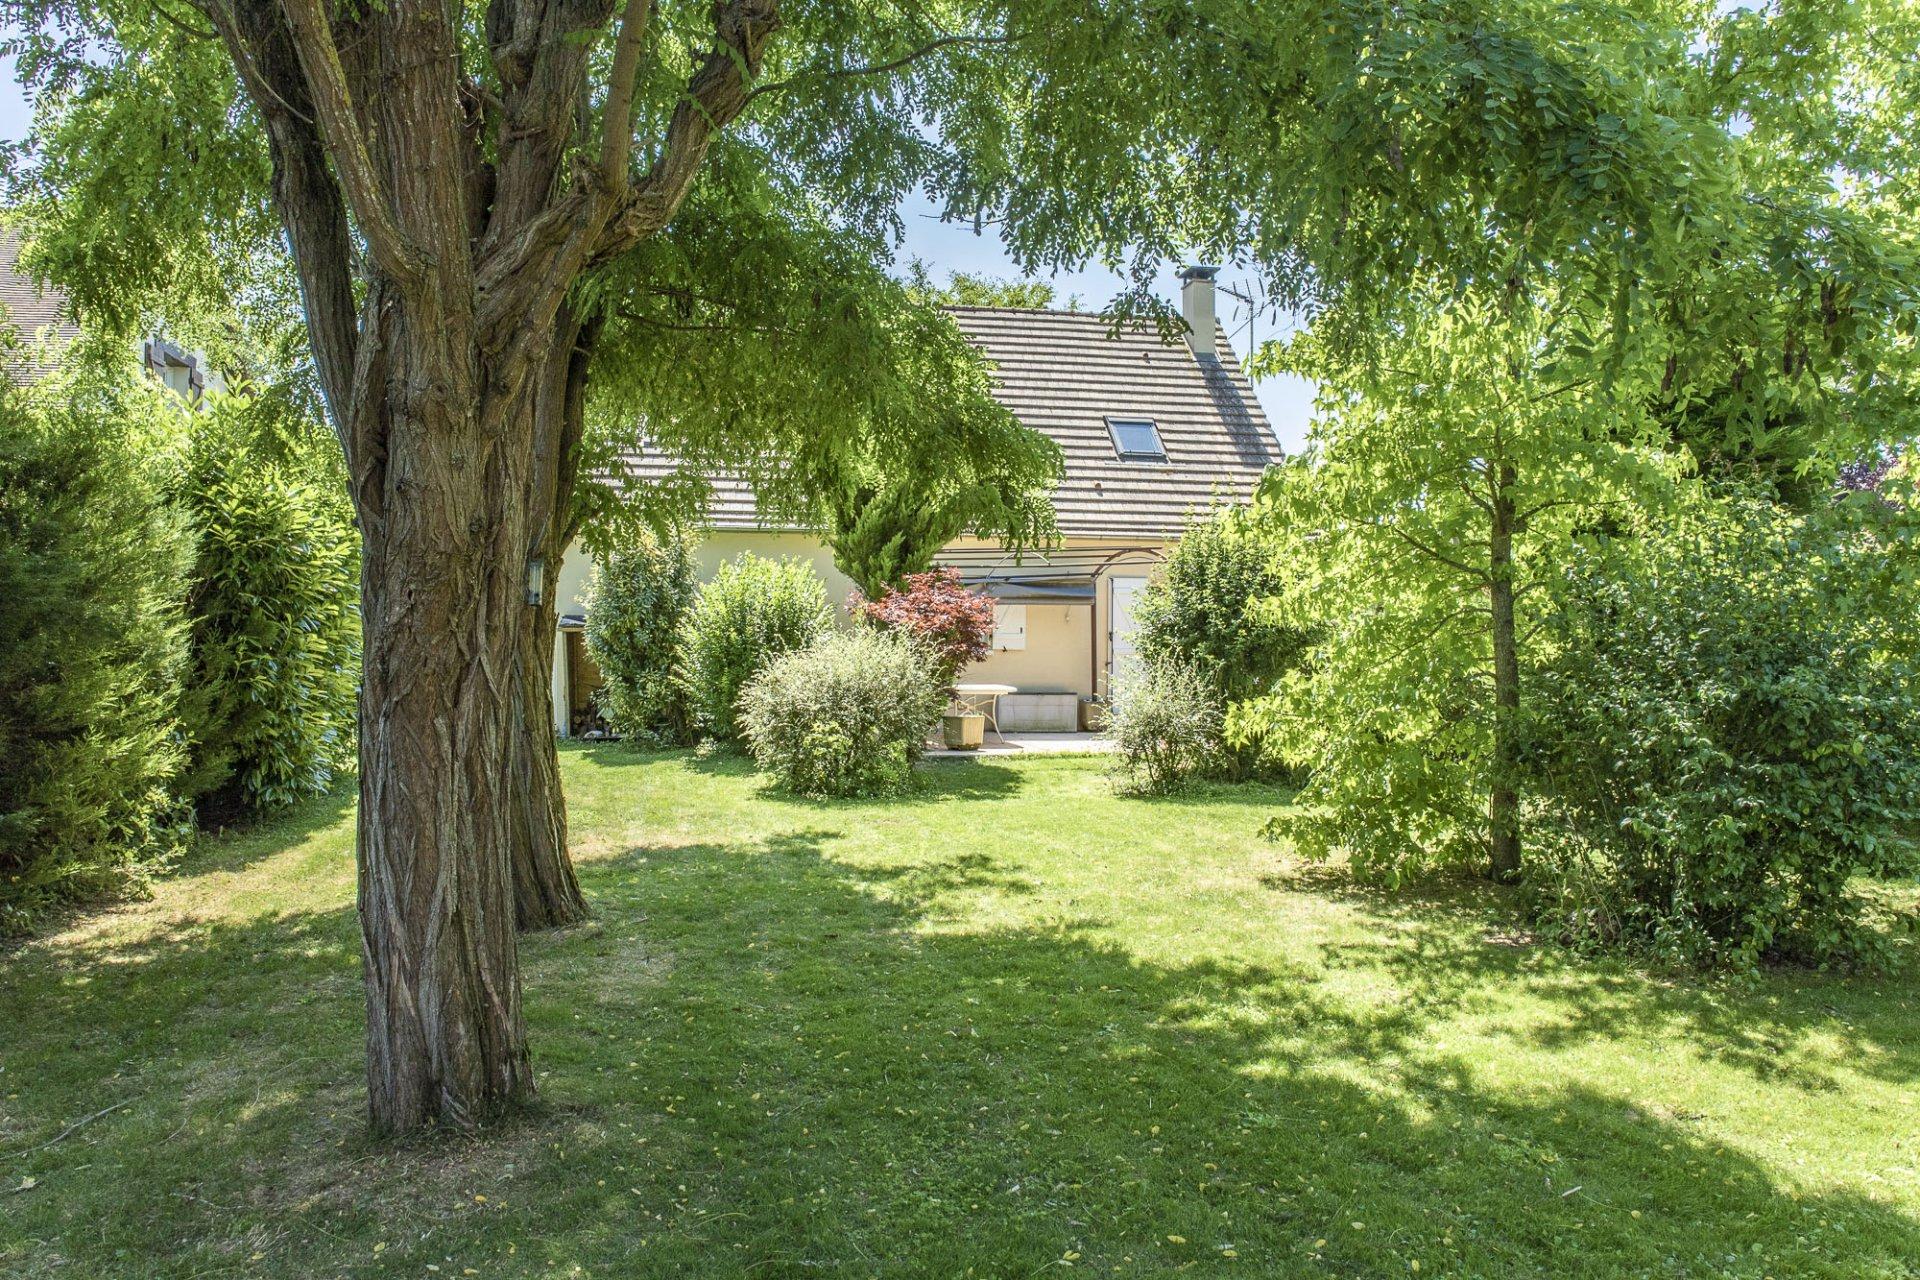 Maison de 2004 - 4/5 chambres - beau jardin